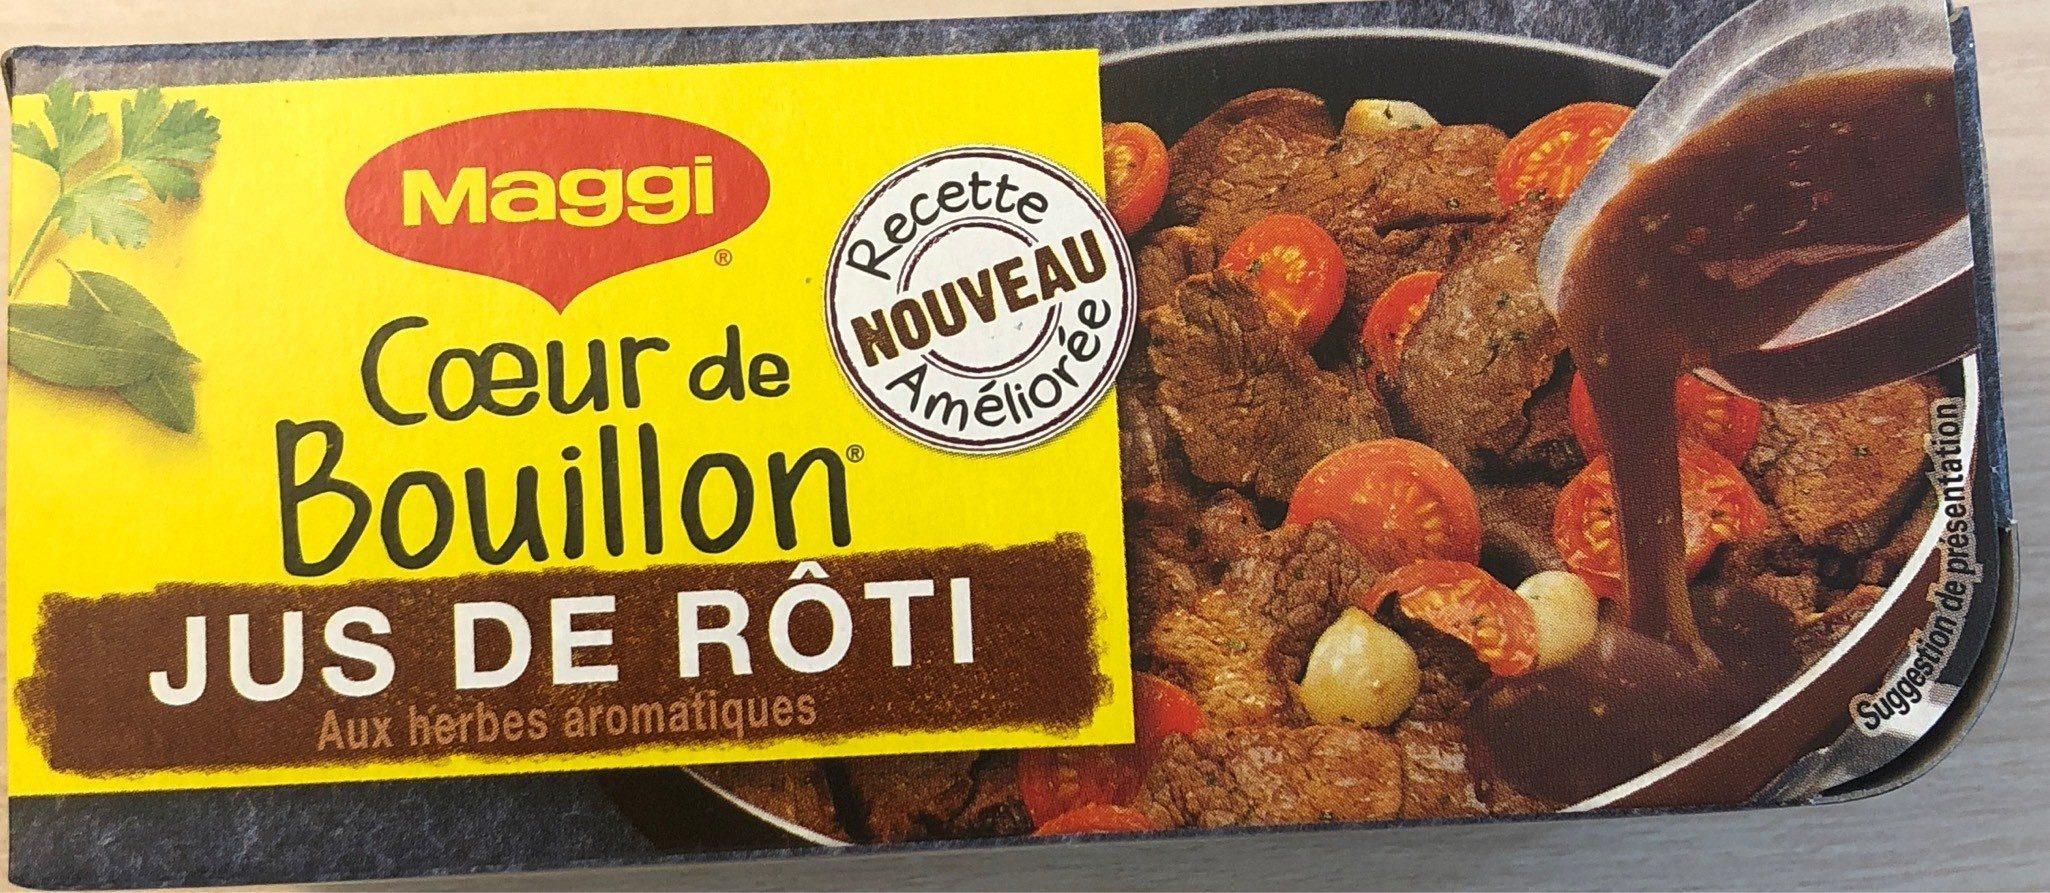 Cœur de Bouillon Bouillon jus de rôti - Produit